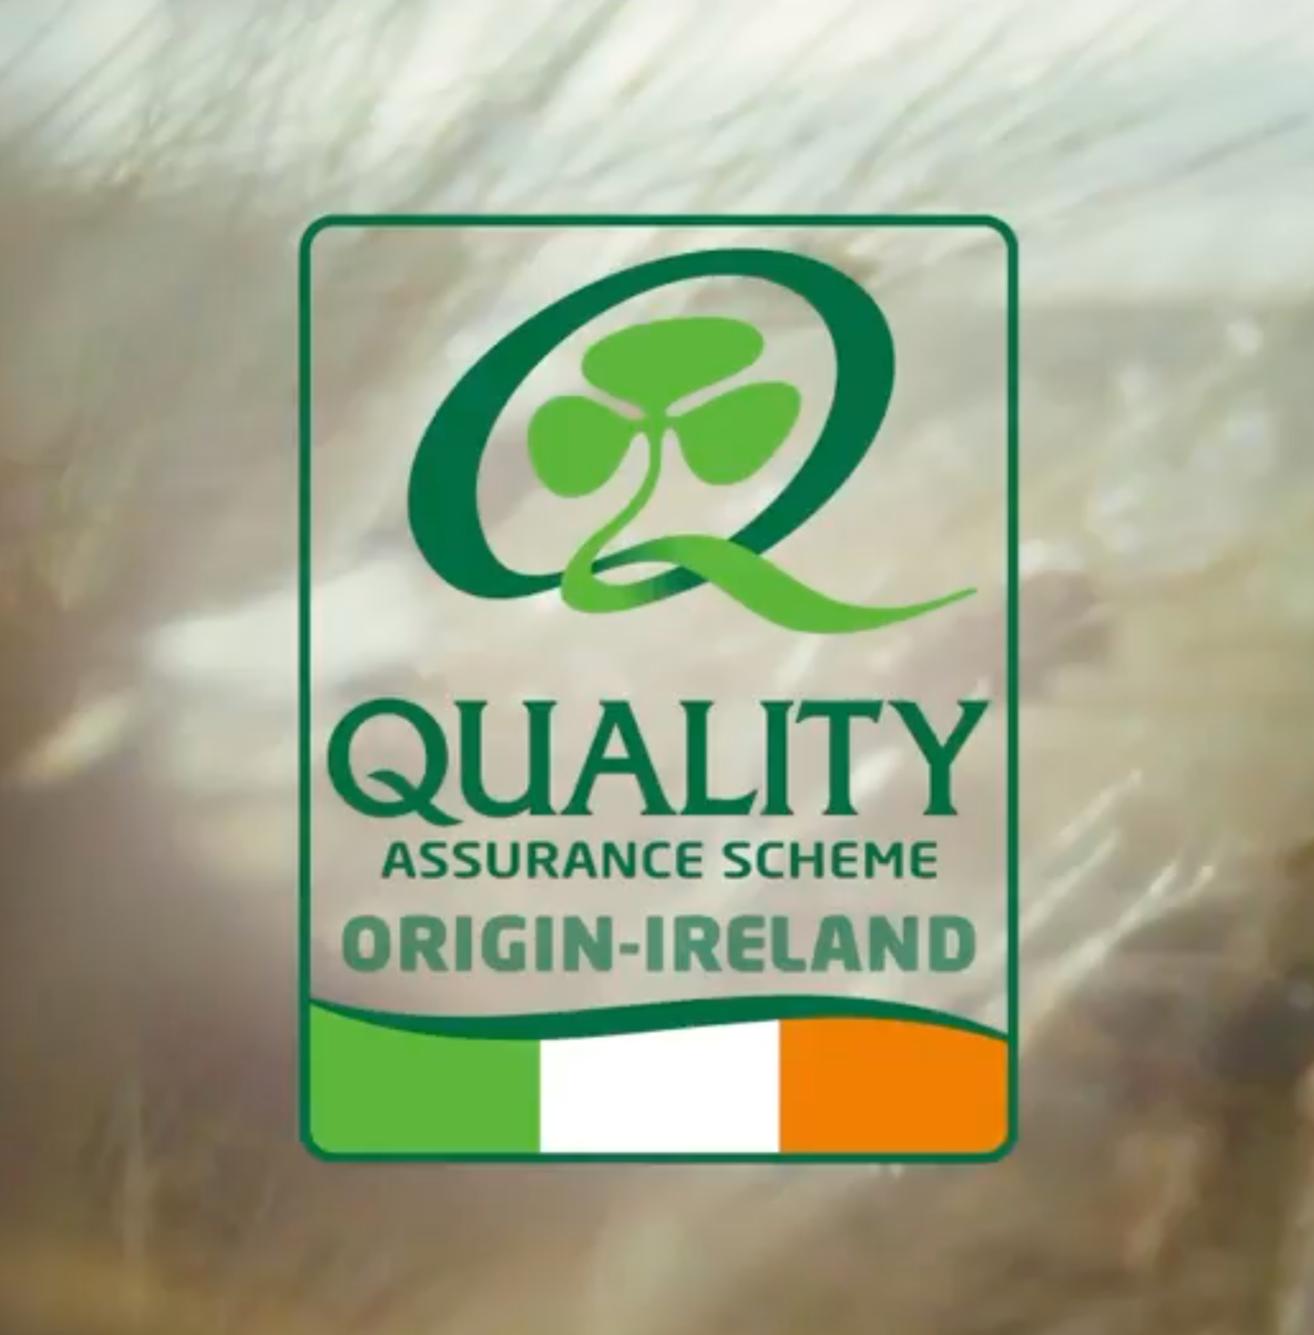 Origin GreenWORKING WITH NATUREour commitment to sustainability - ORIGIN GREEN